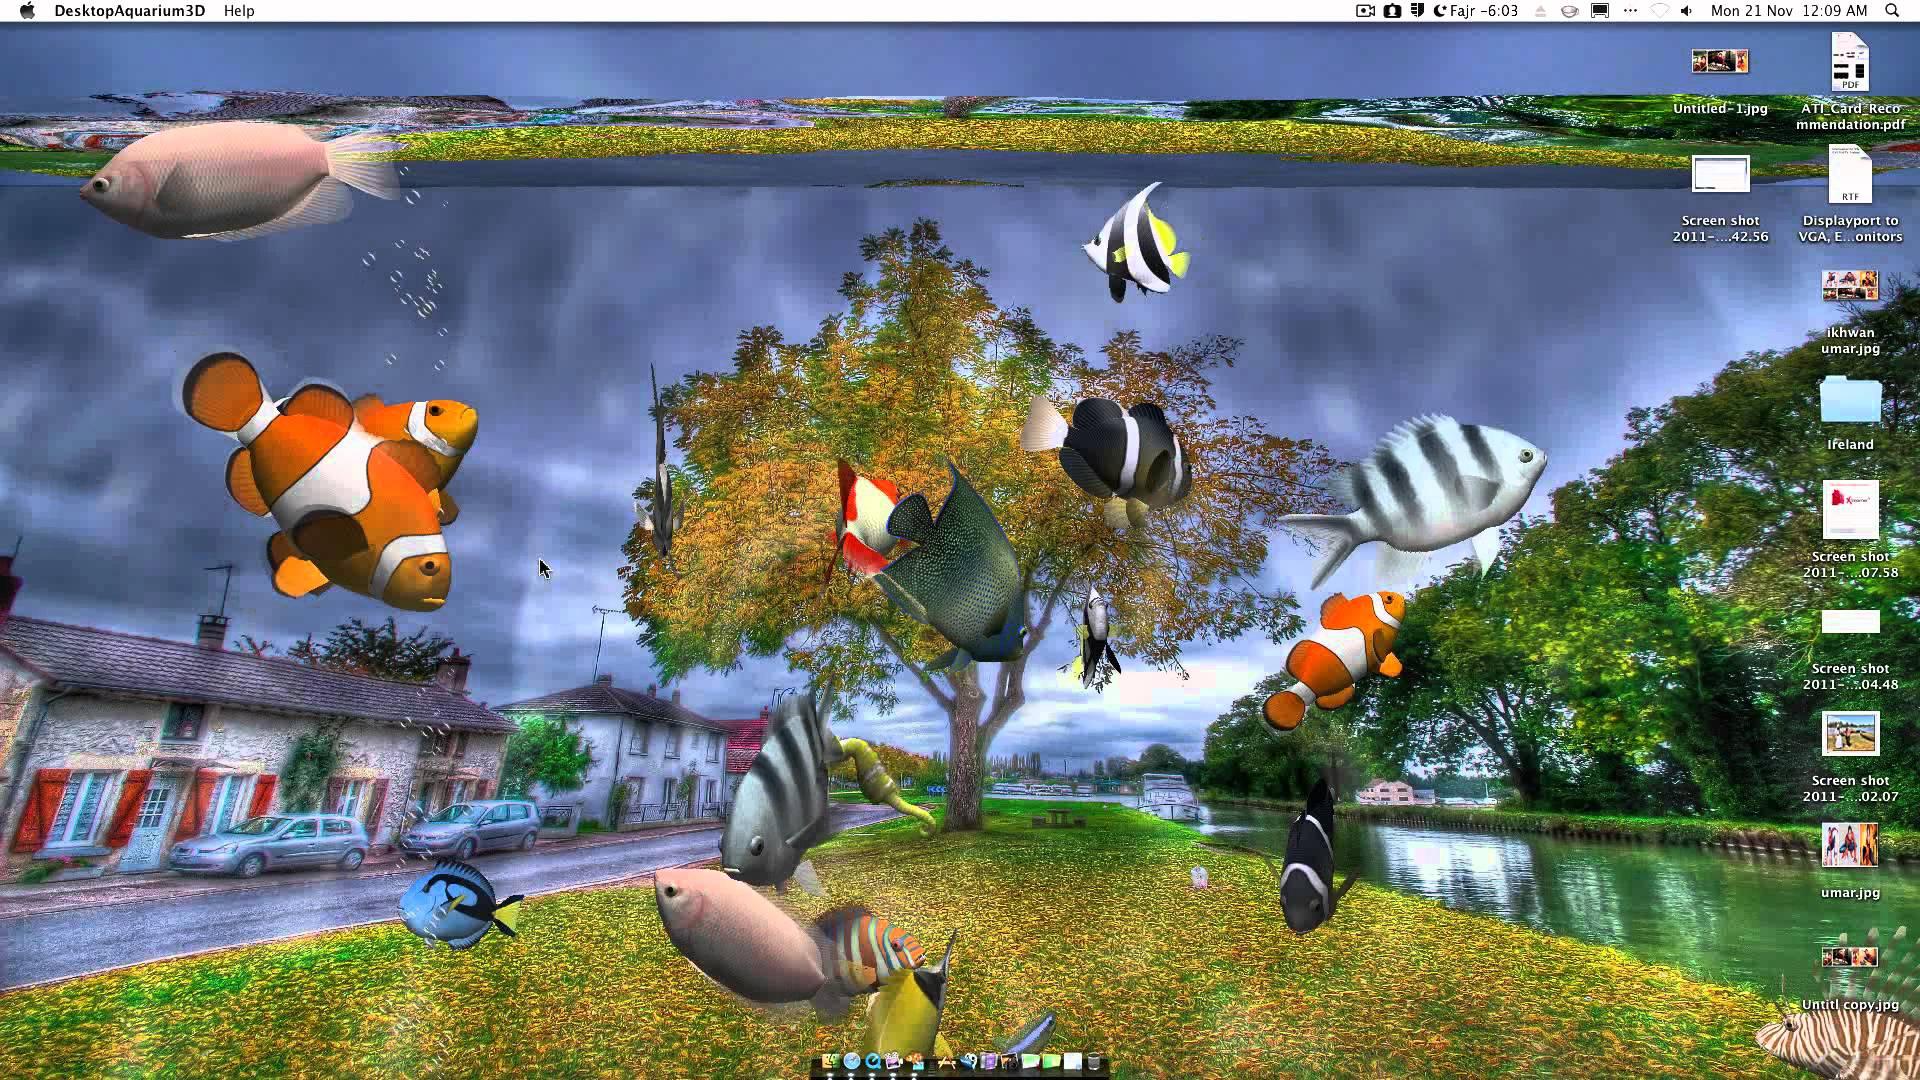 Desktop Aquarium 3D Live Wallpaper on Imac 1920x1080